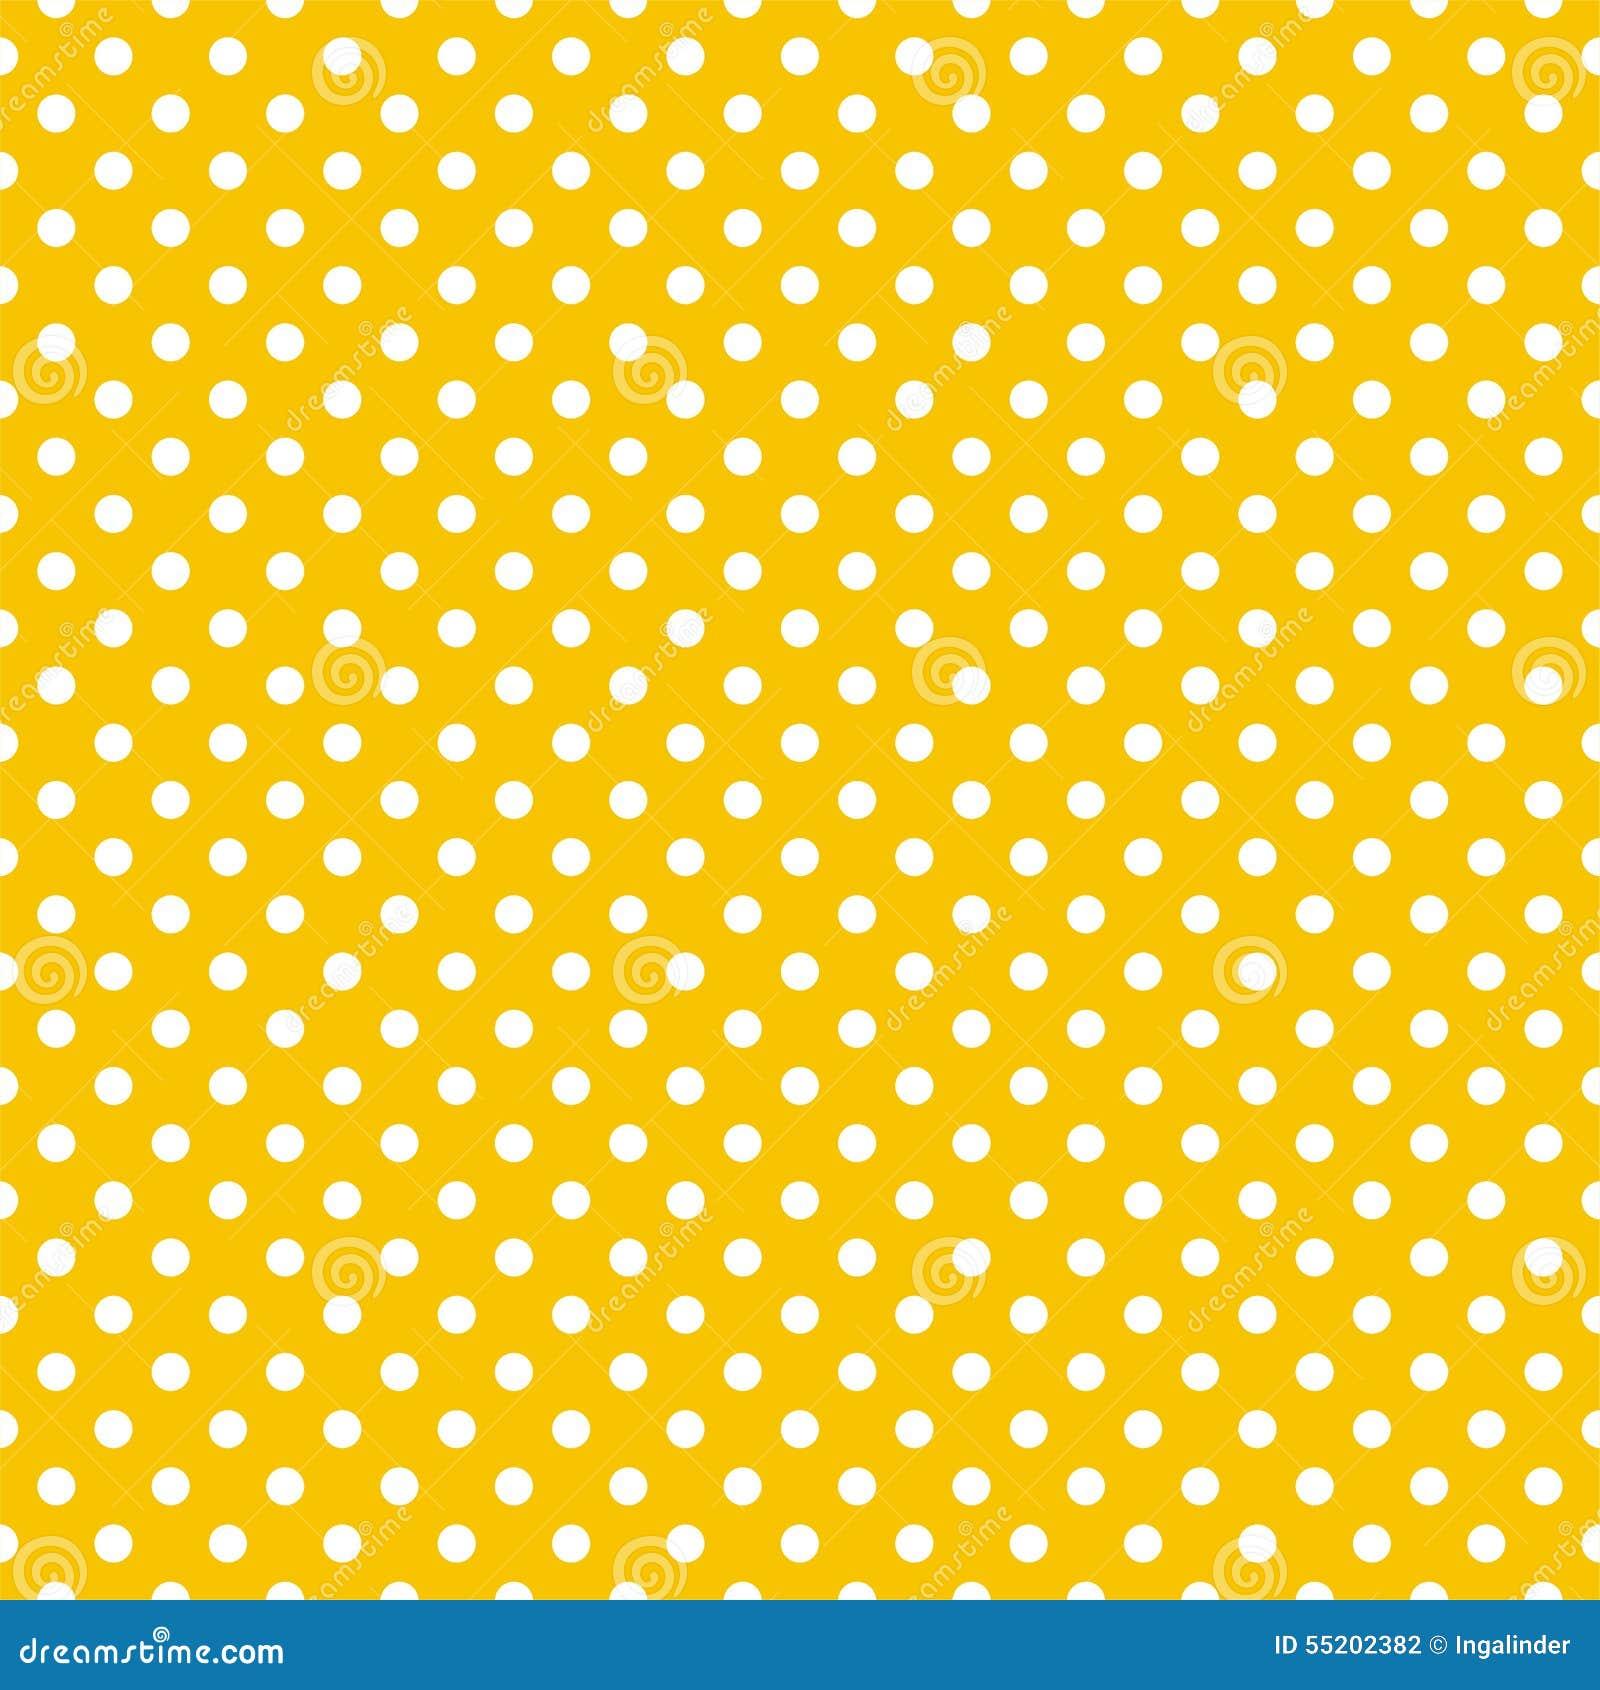 Διανυσματικό σχέδιο κεραμιδιών με τα άσπρα σημεία Πόλκα στο κίτρινο υπόβαθρο